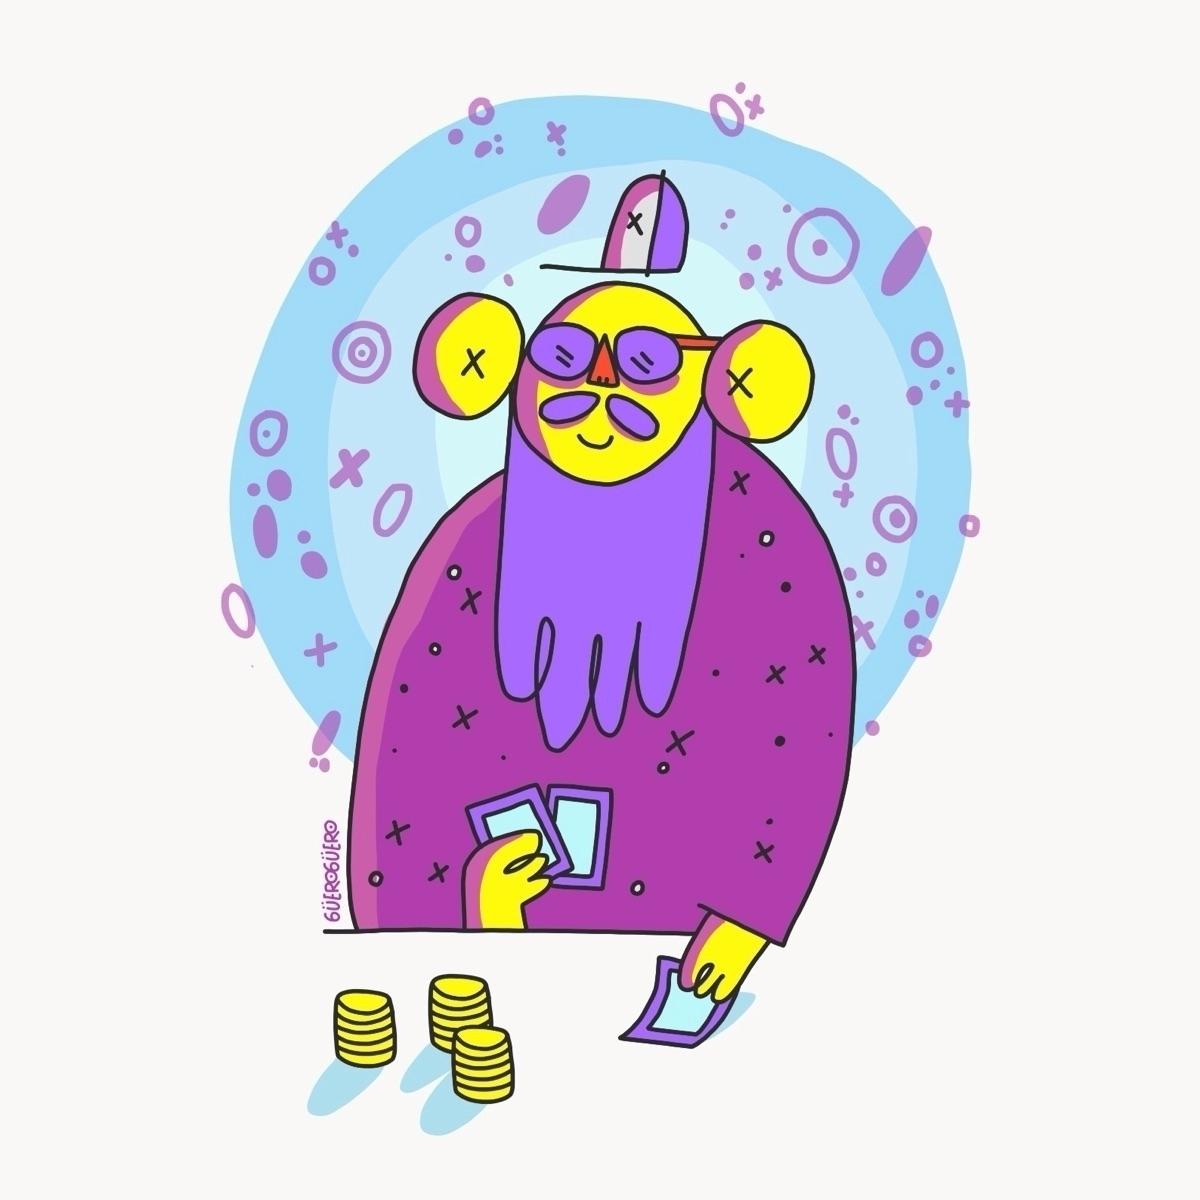 Gamble, doodle, drawing, digitaldrawing - gueroguero | ello